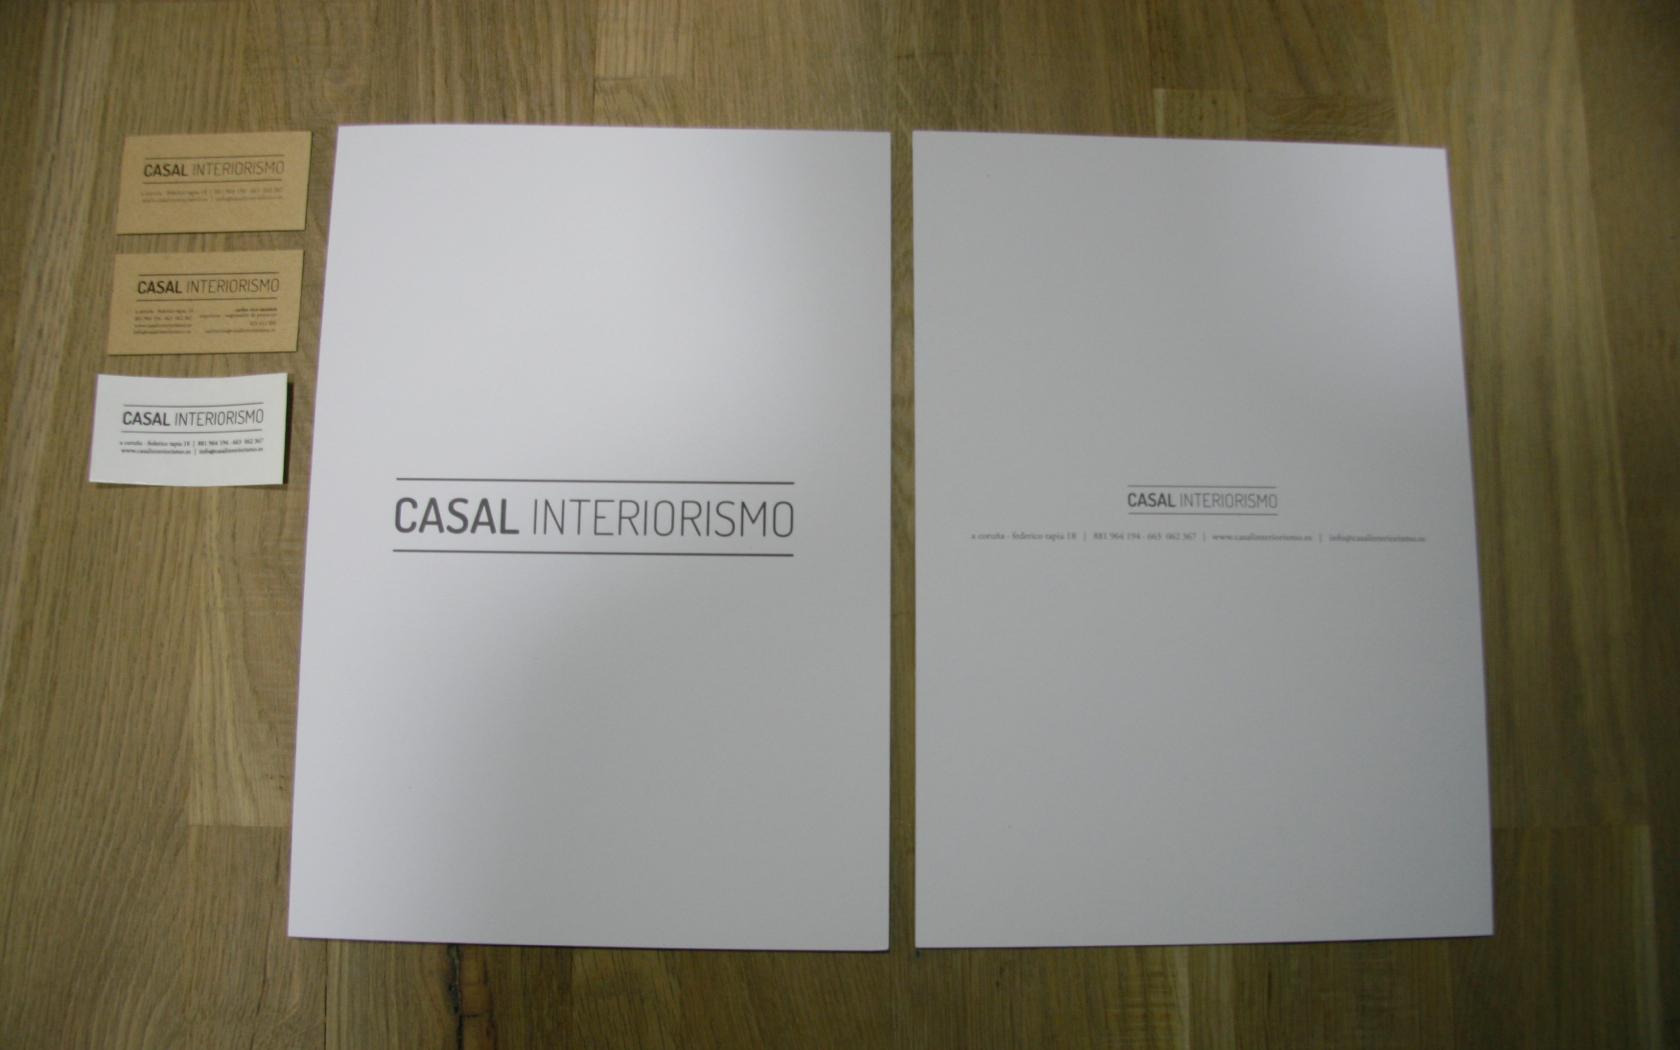 CASAL INTERIORISMO 02.jpg